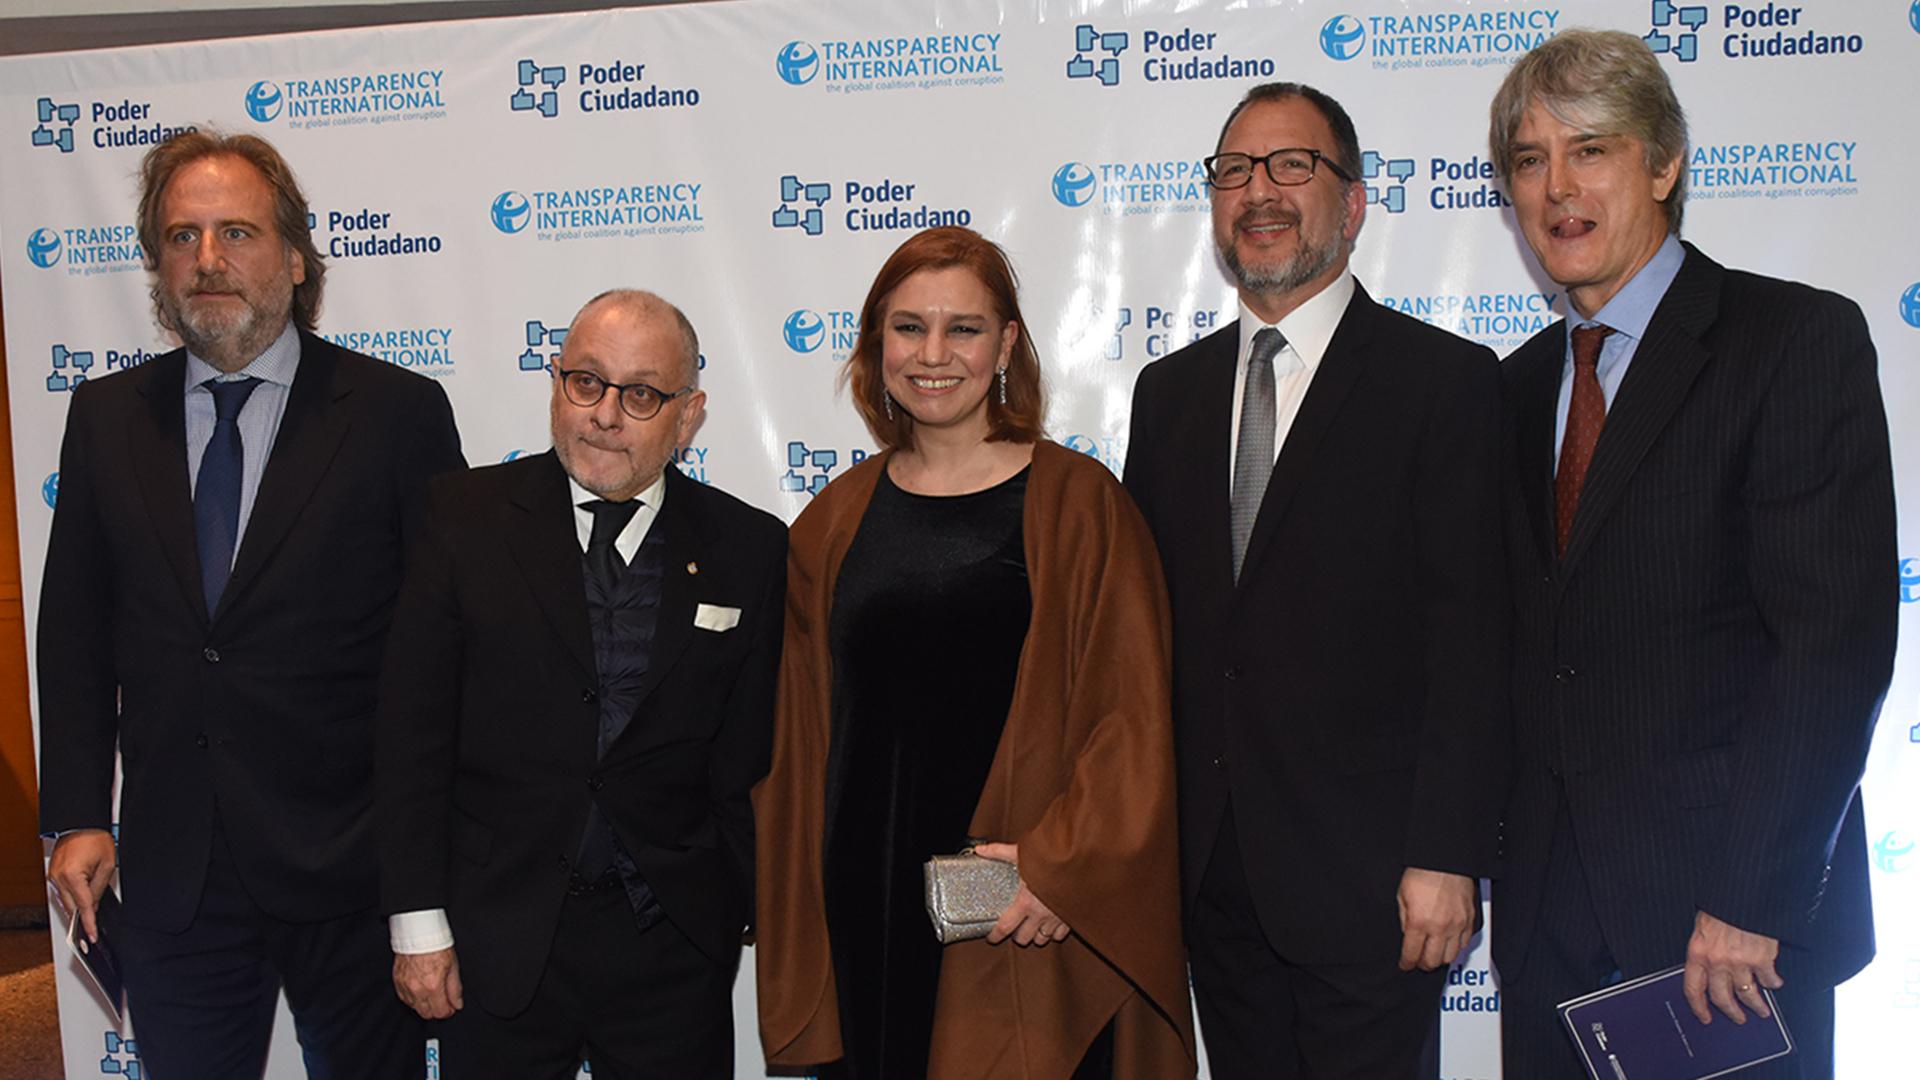 El consultor Roberto Lanusse, el canciller Jorge Faurie, la diputada Karina Banfi, el secretario general de Gobernación Bonaerense Fabián Perechodnik y Wortman Jofre